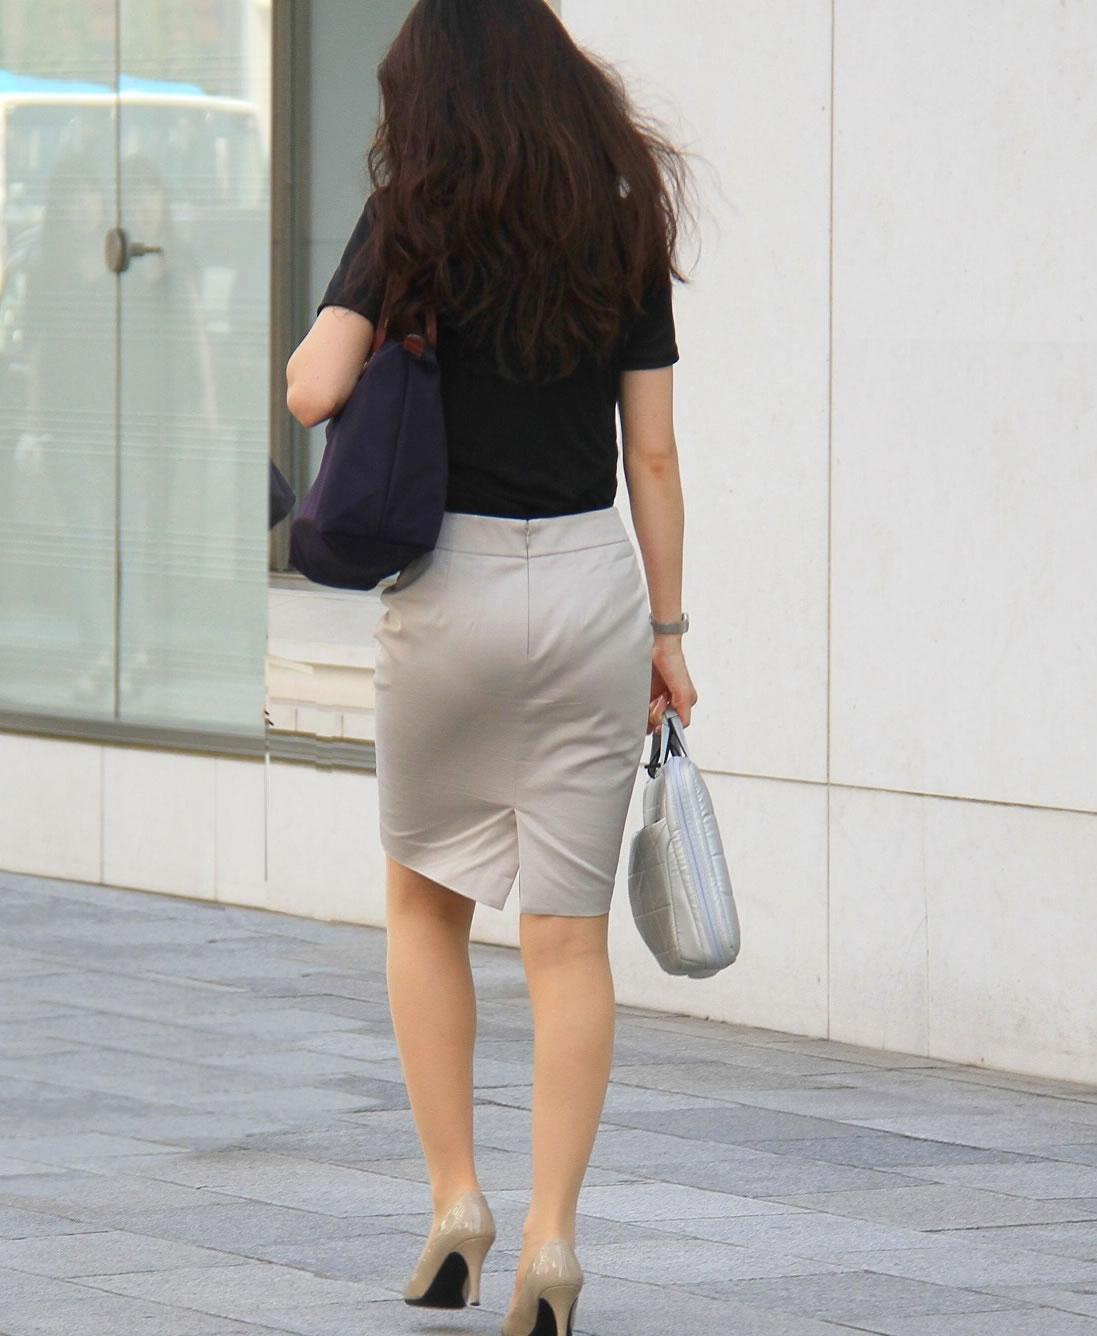 美人OLのエリートビッチなタイトスカート盗撮エロ画像4枚目